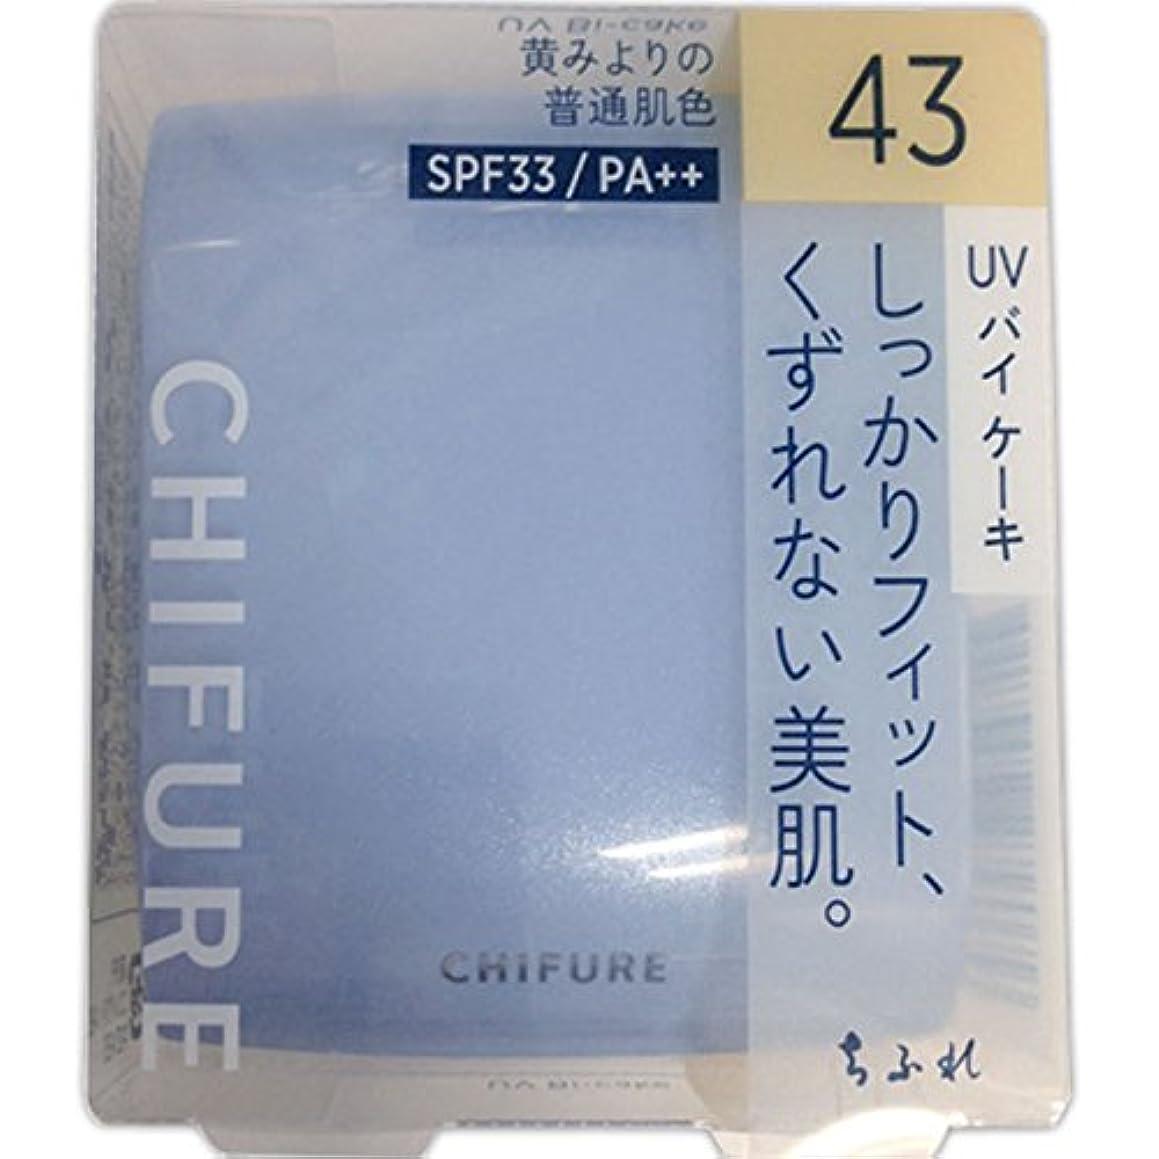 トロイの木馬再発するハッチちふれ化粧品 UV バイ ケーキ(スポンジ入り) 43 黄みよりの普通肌色 43